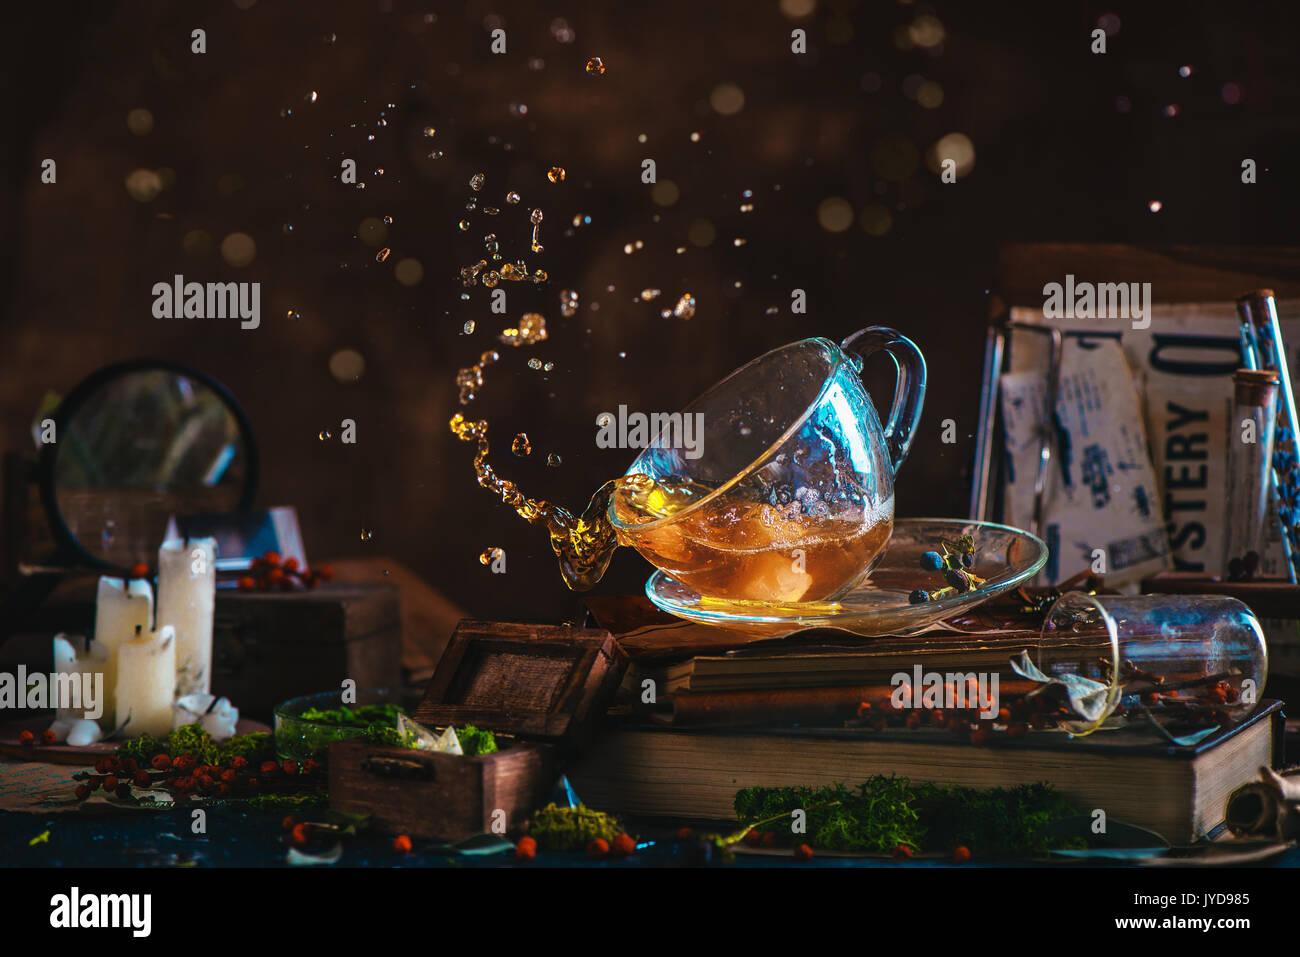 Spruzzi di tè in un bicchiere di vetro su uno sfondo di legno con candele, mistero clip di giornali, libri, foglie e moss. azione ancora in vita con gocce di tè bokeh di fondo Immagini Stock